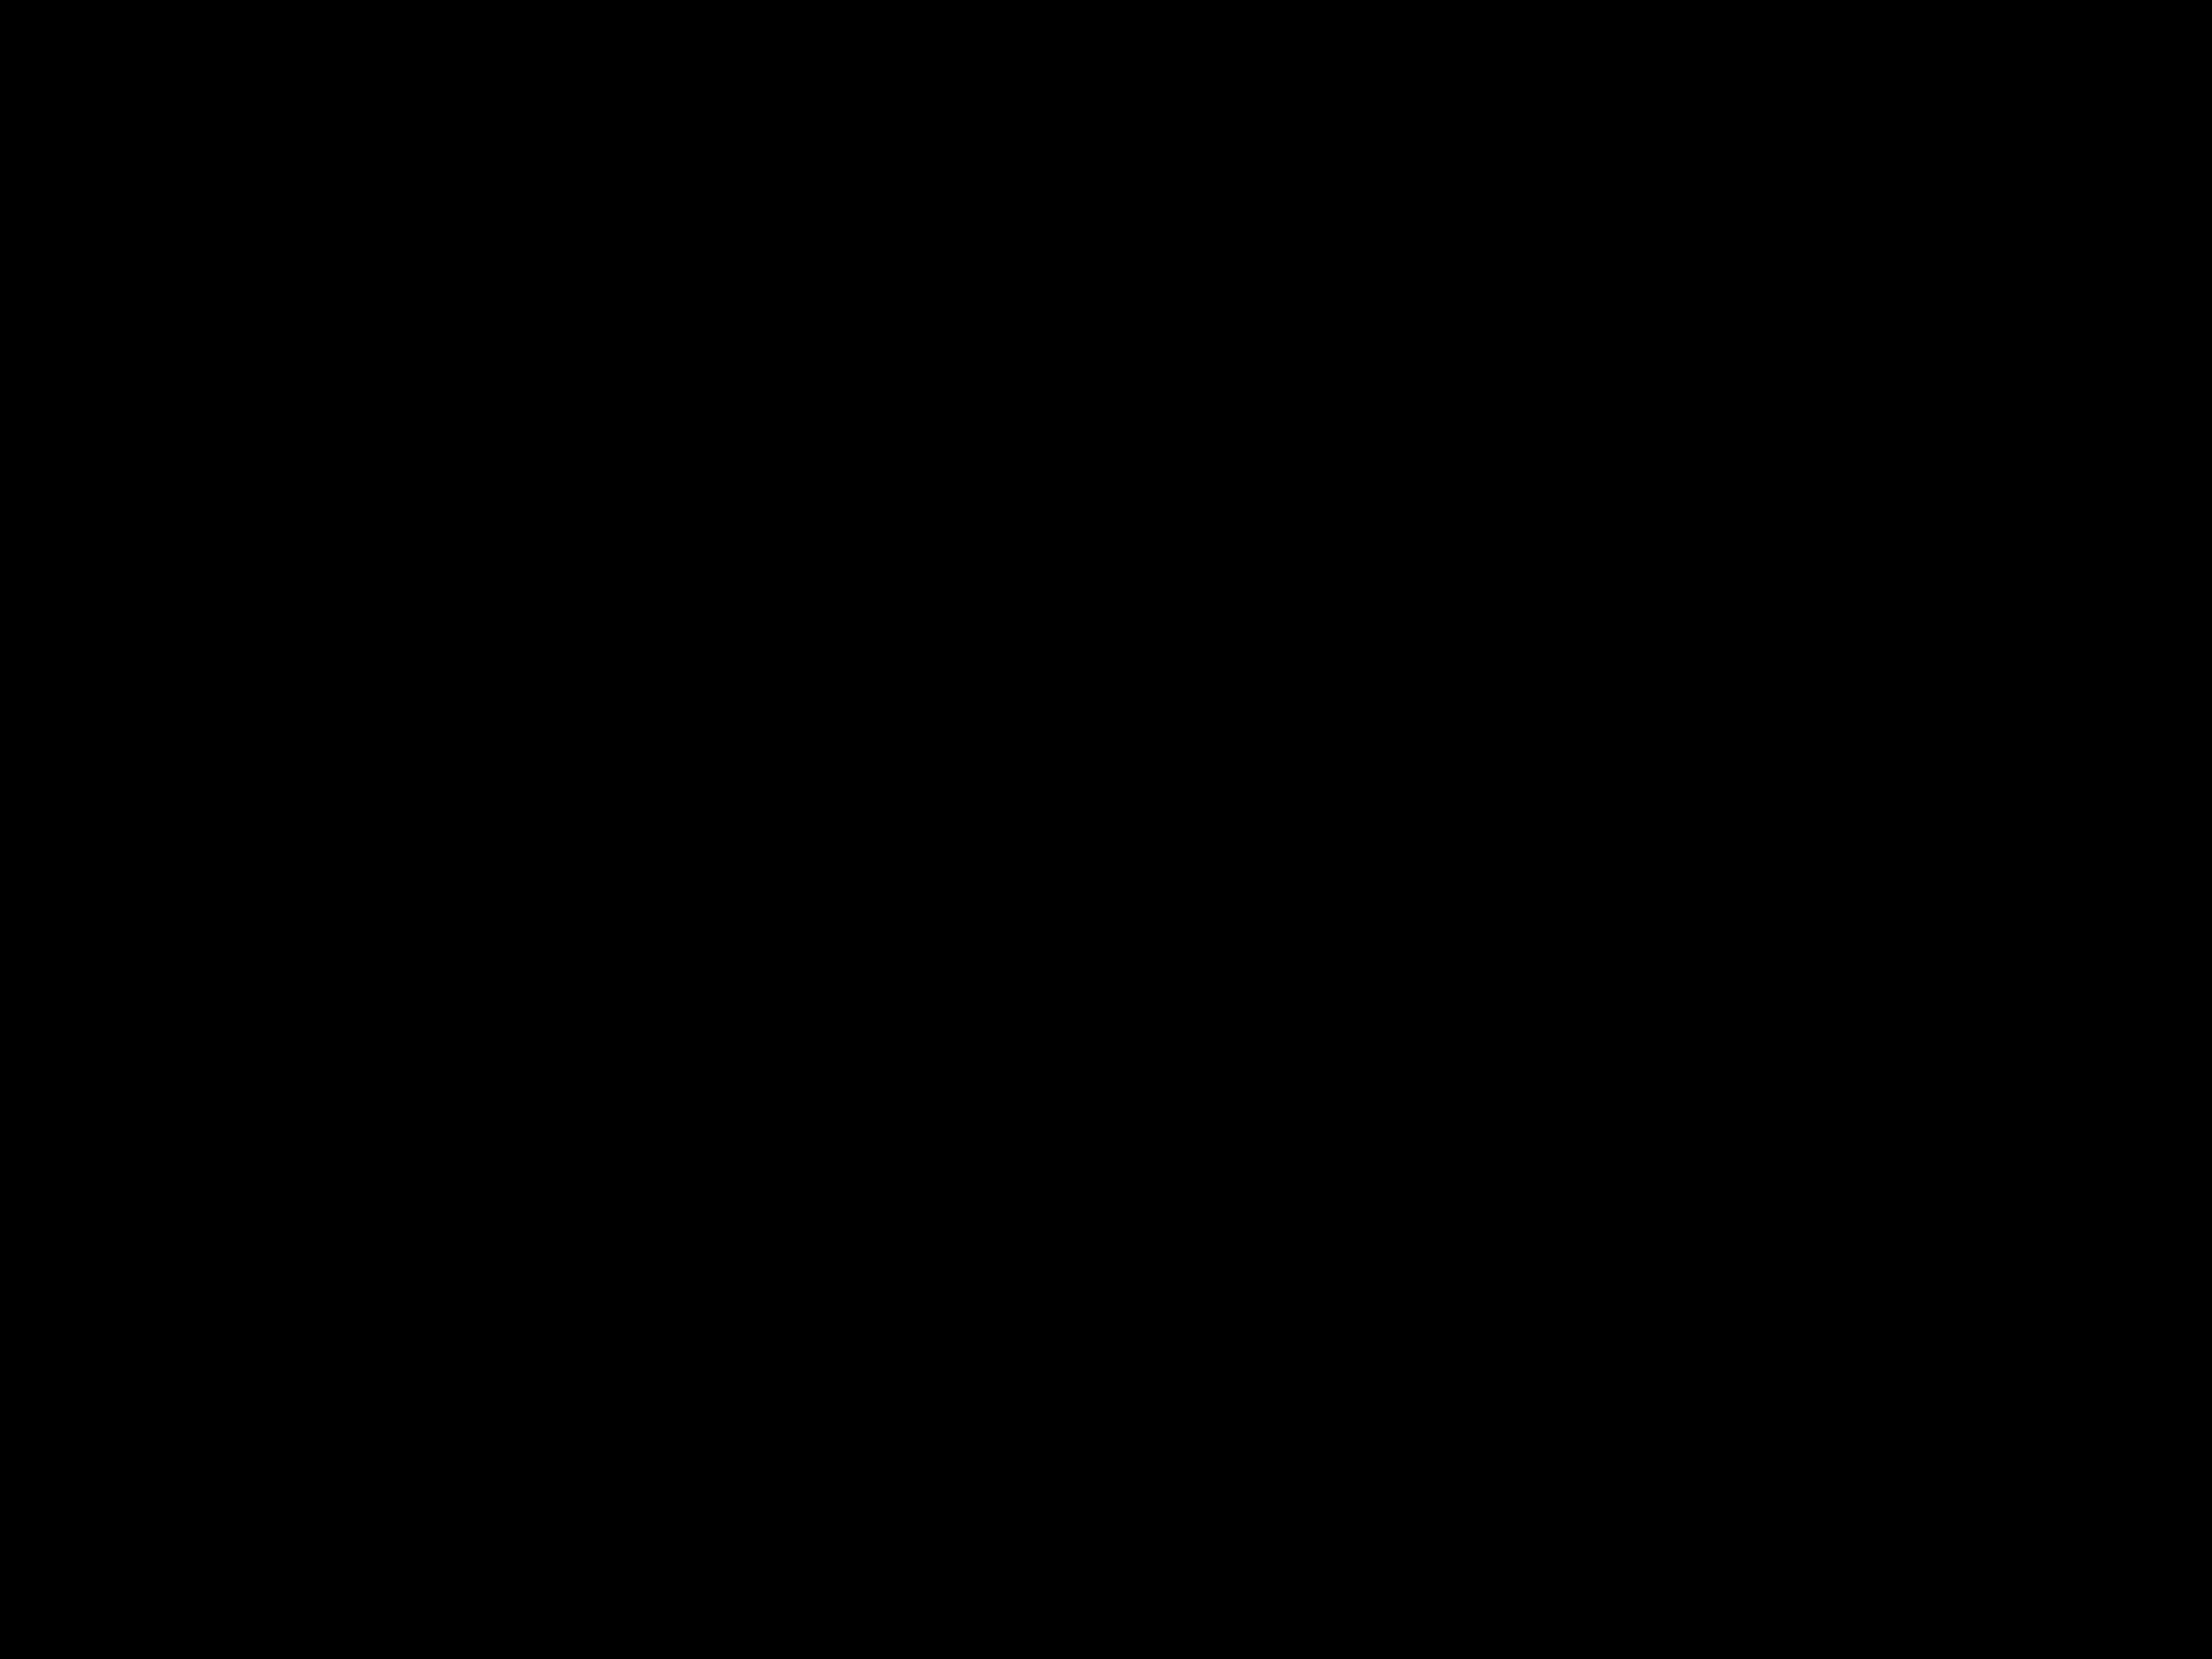 【精彩奥立达】赛为引 促发展 —— 记奥立达电梯2021年员工职业技能竞赛